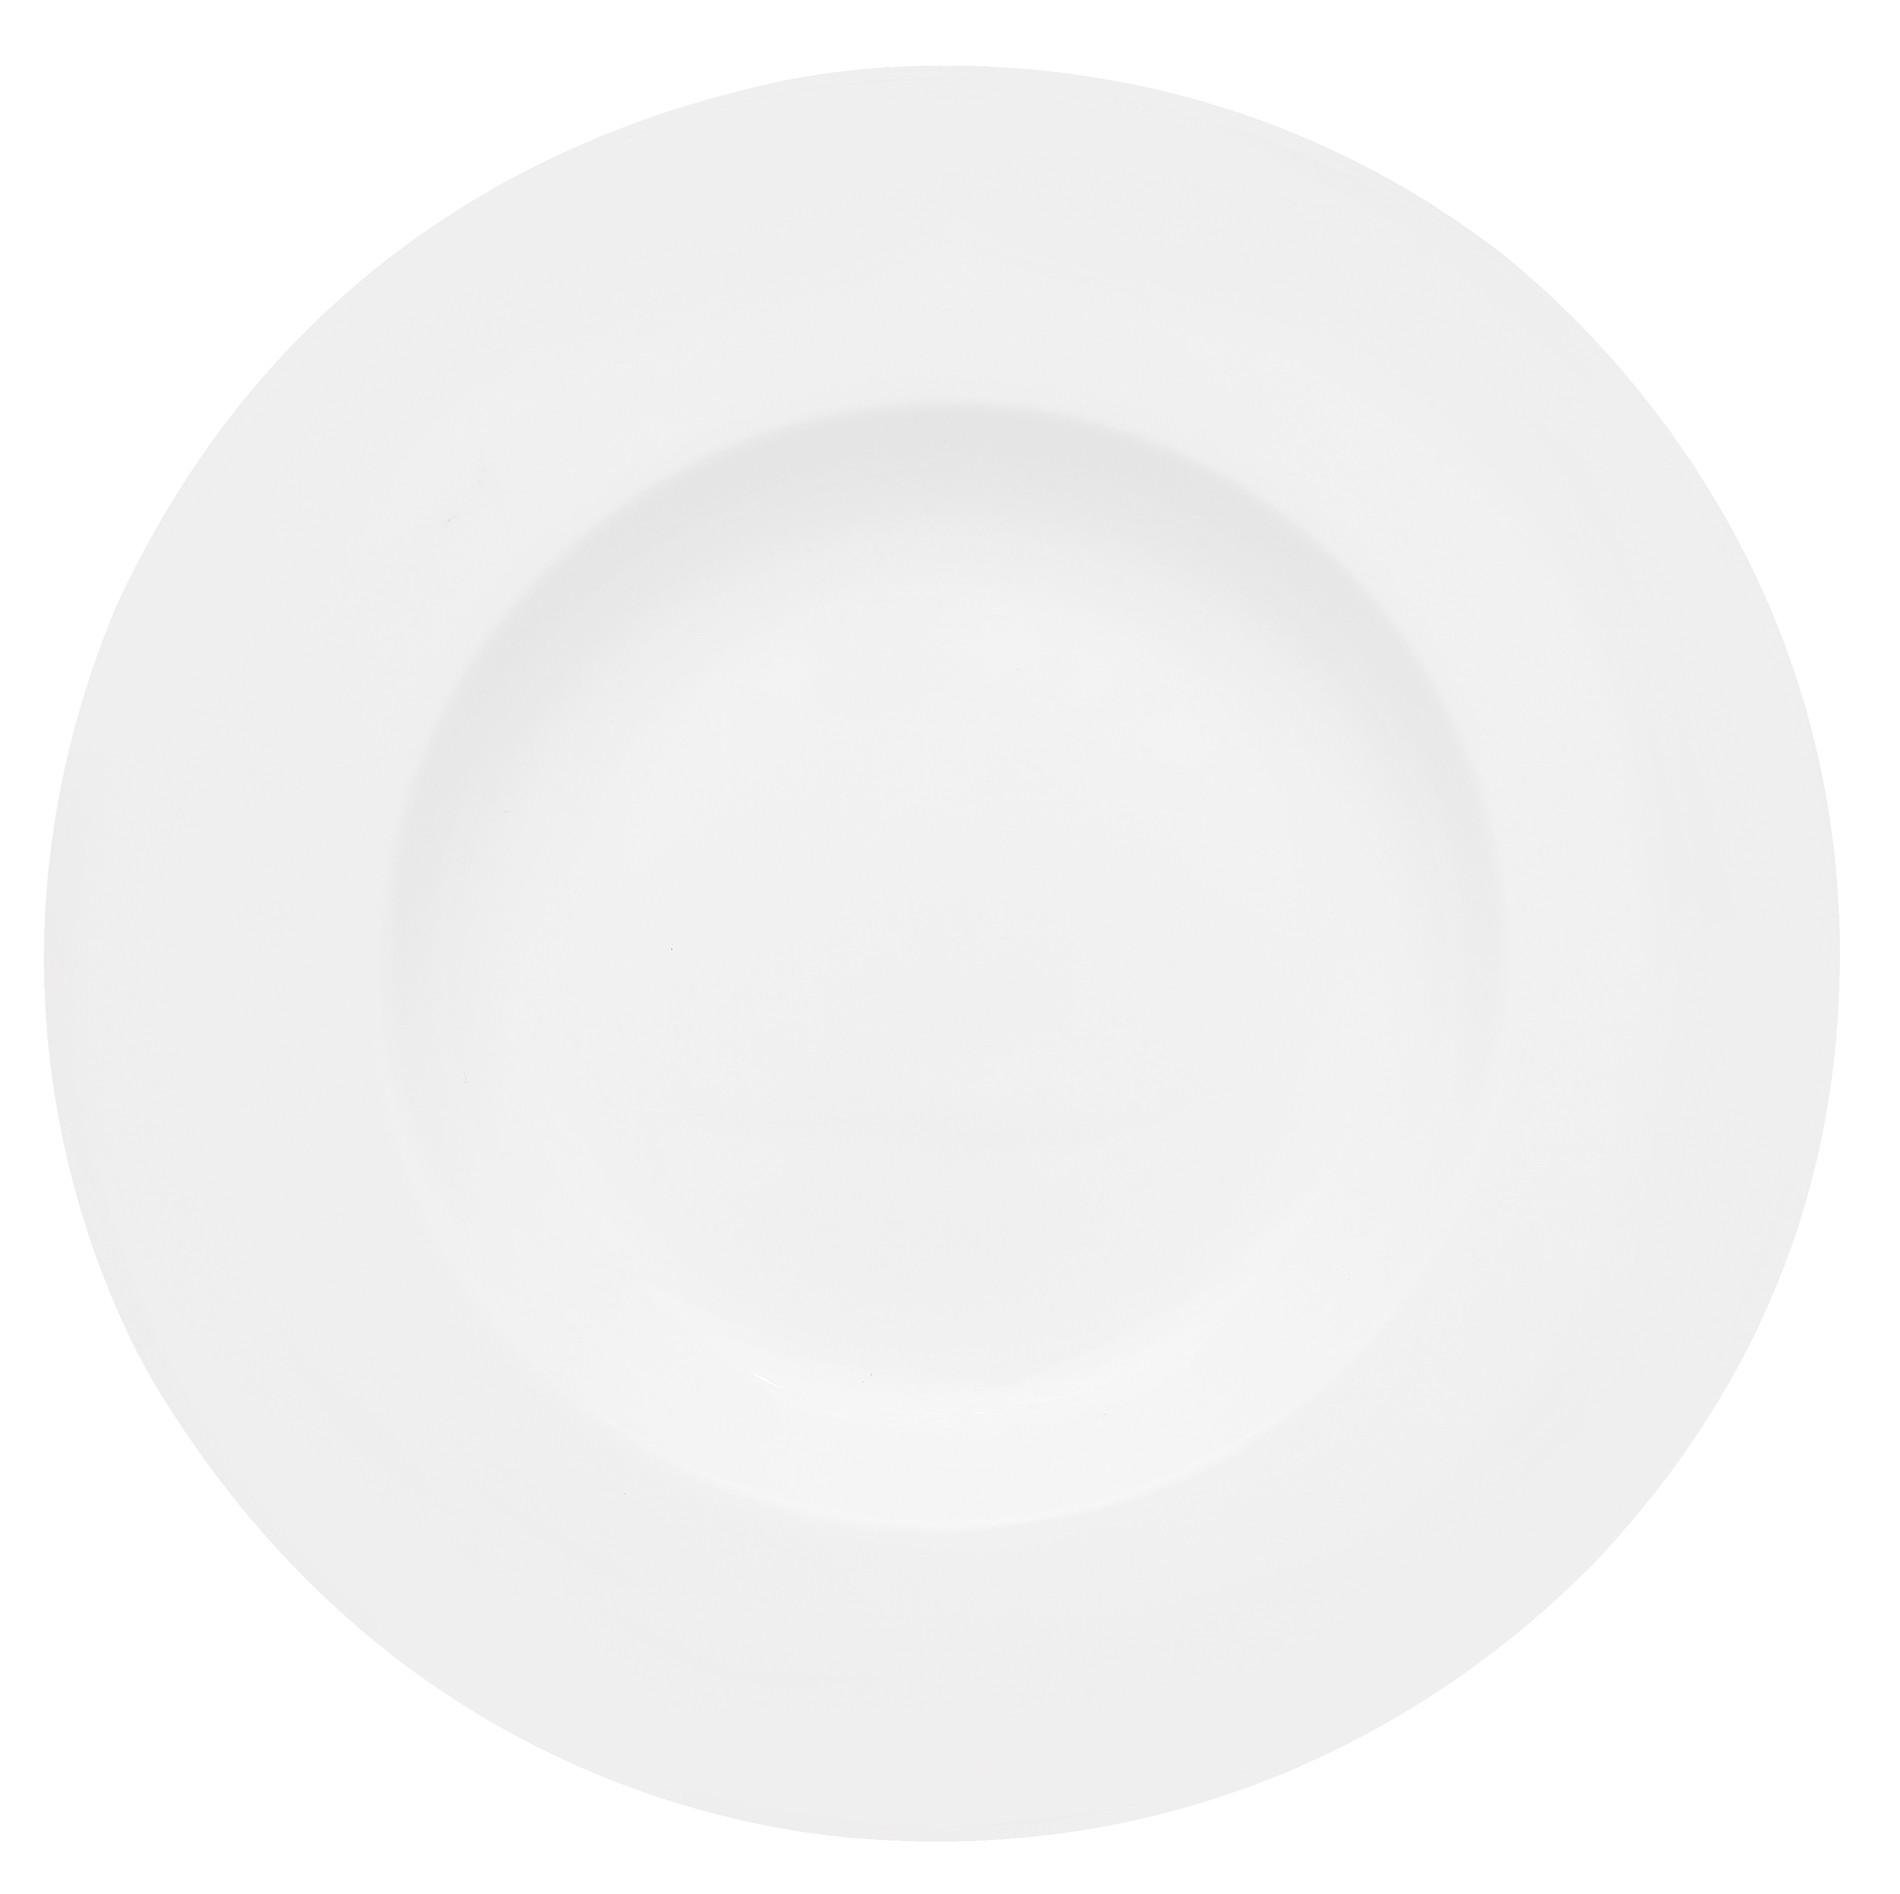 Πιάτο Βαθύ Σετ 6Τμχ Silk Bone China 26,5cm Ionia home   ειδη σερβιρισματος   πιάτα